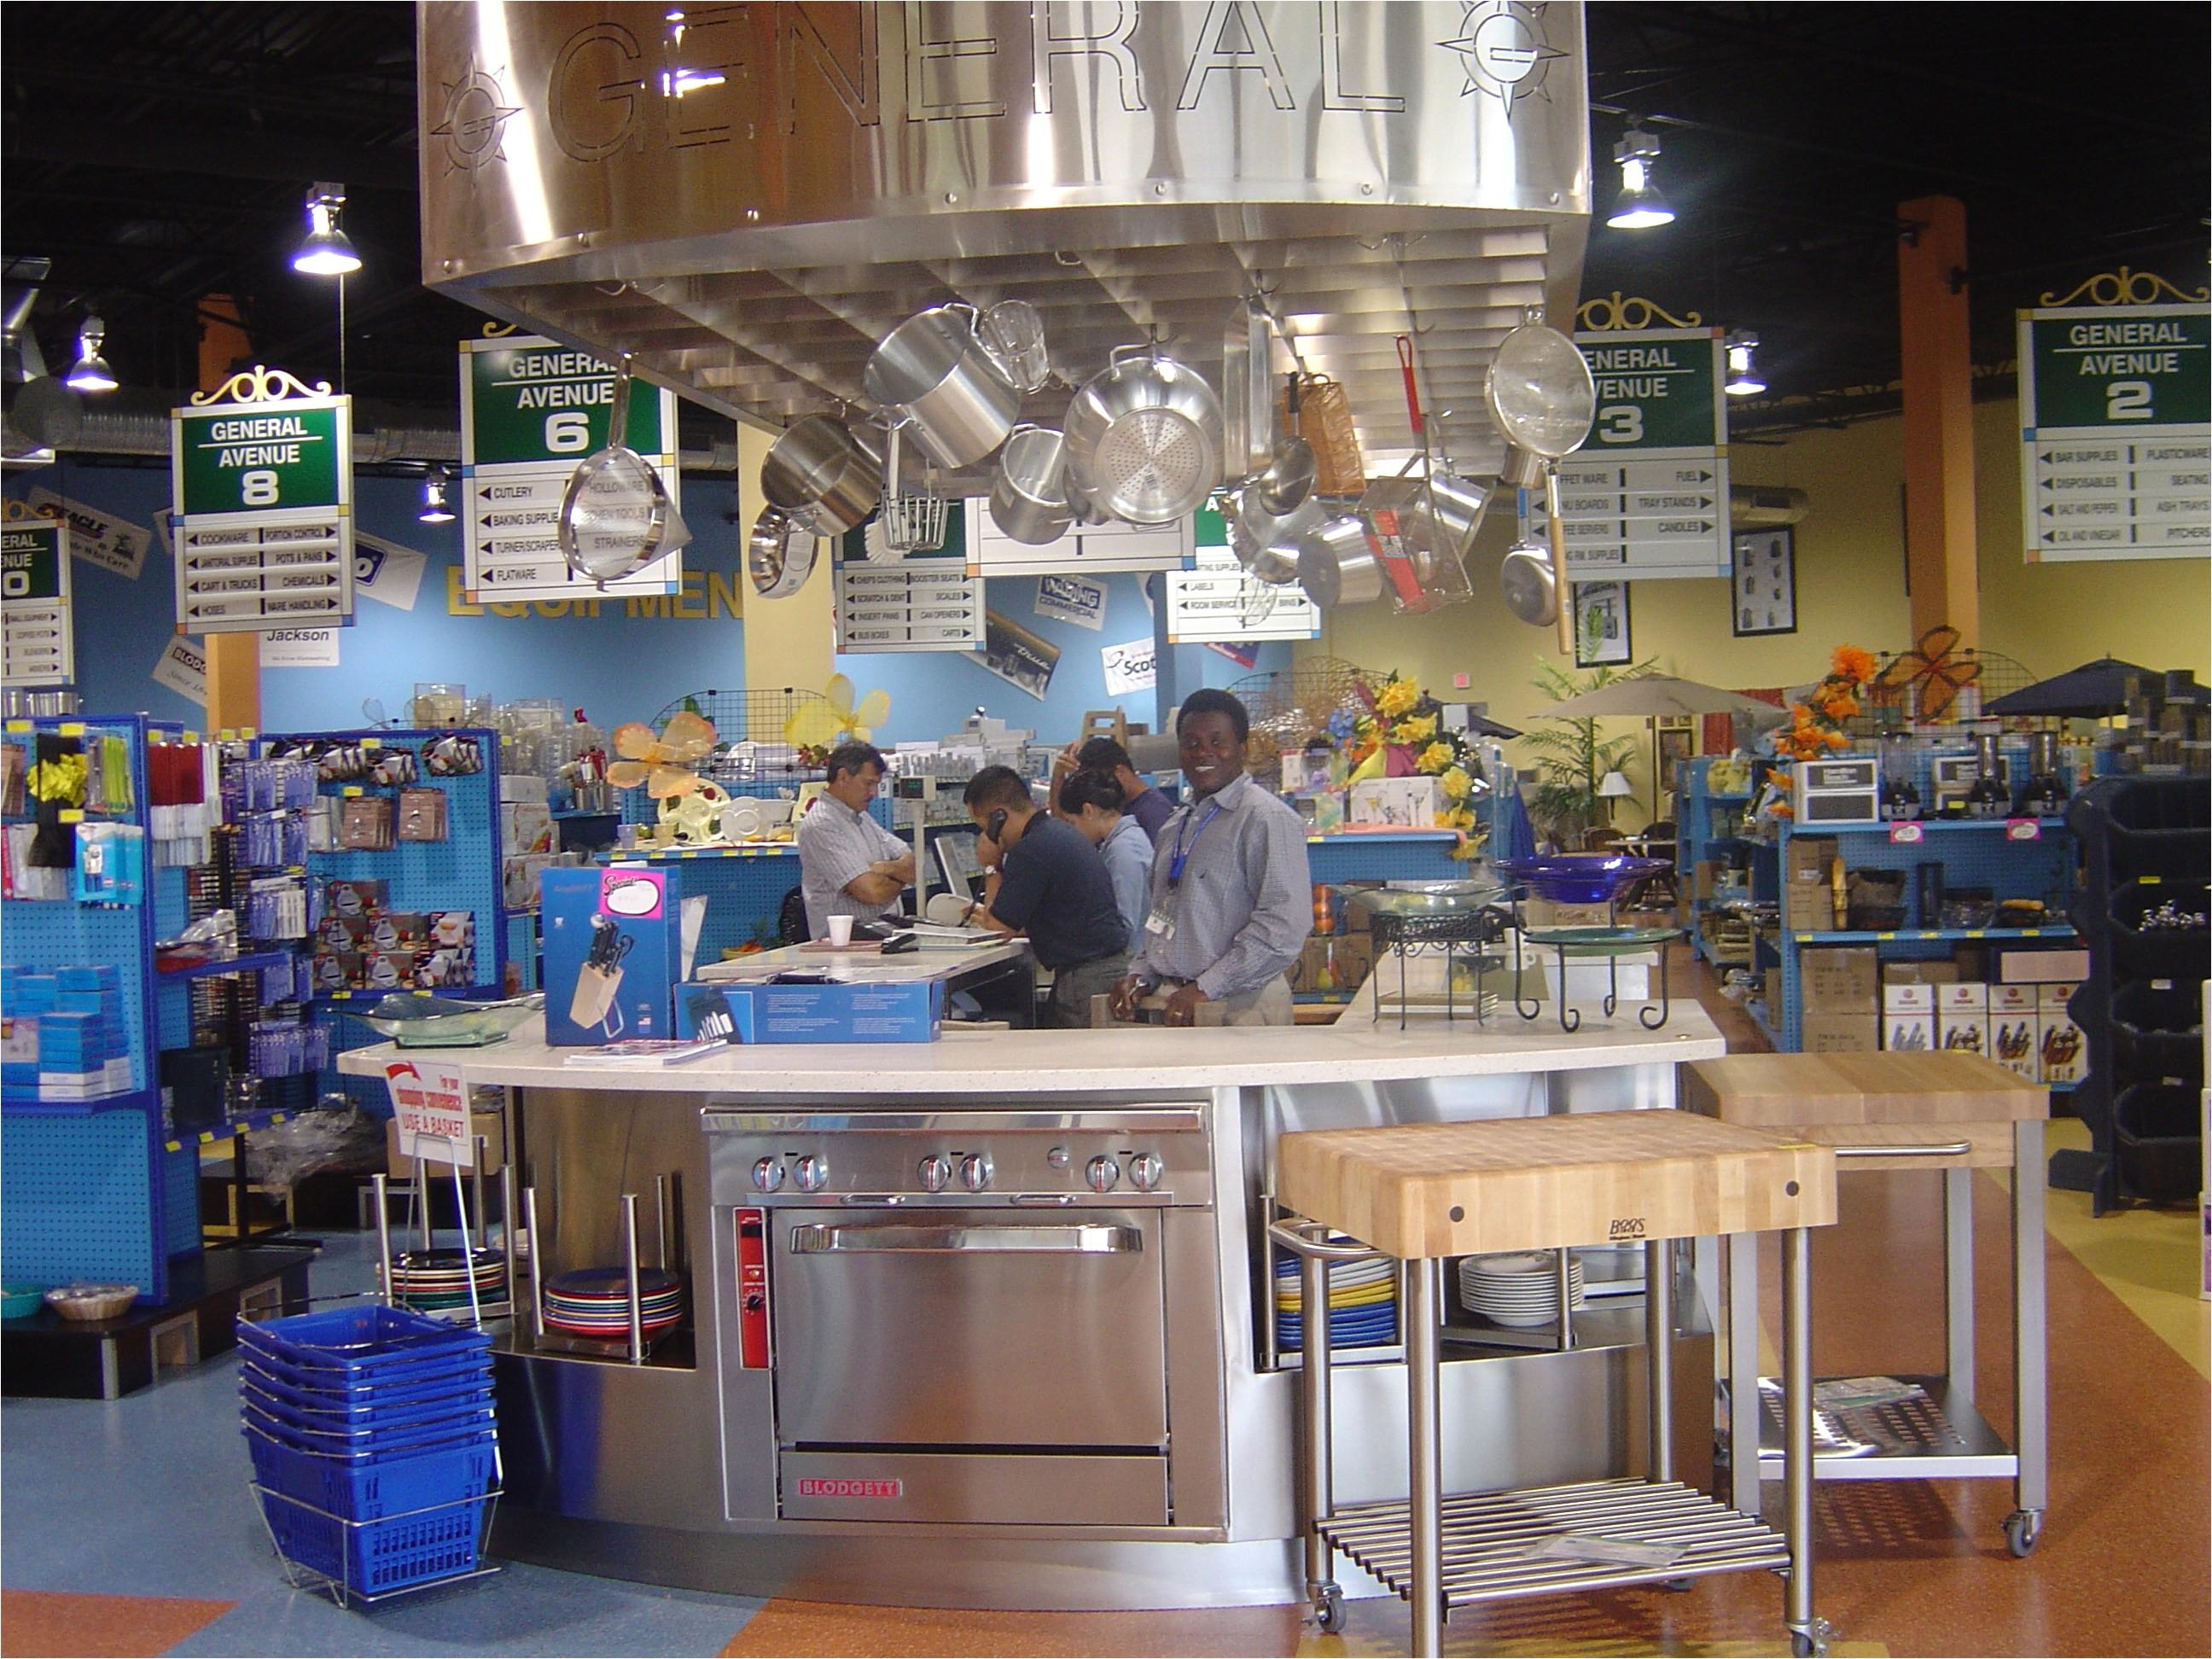 restaurant supply kitchen supply store general hotel